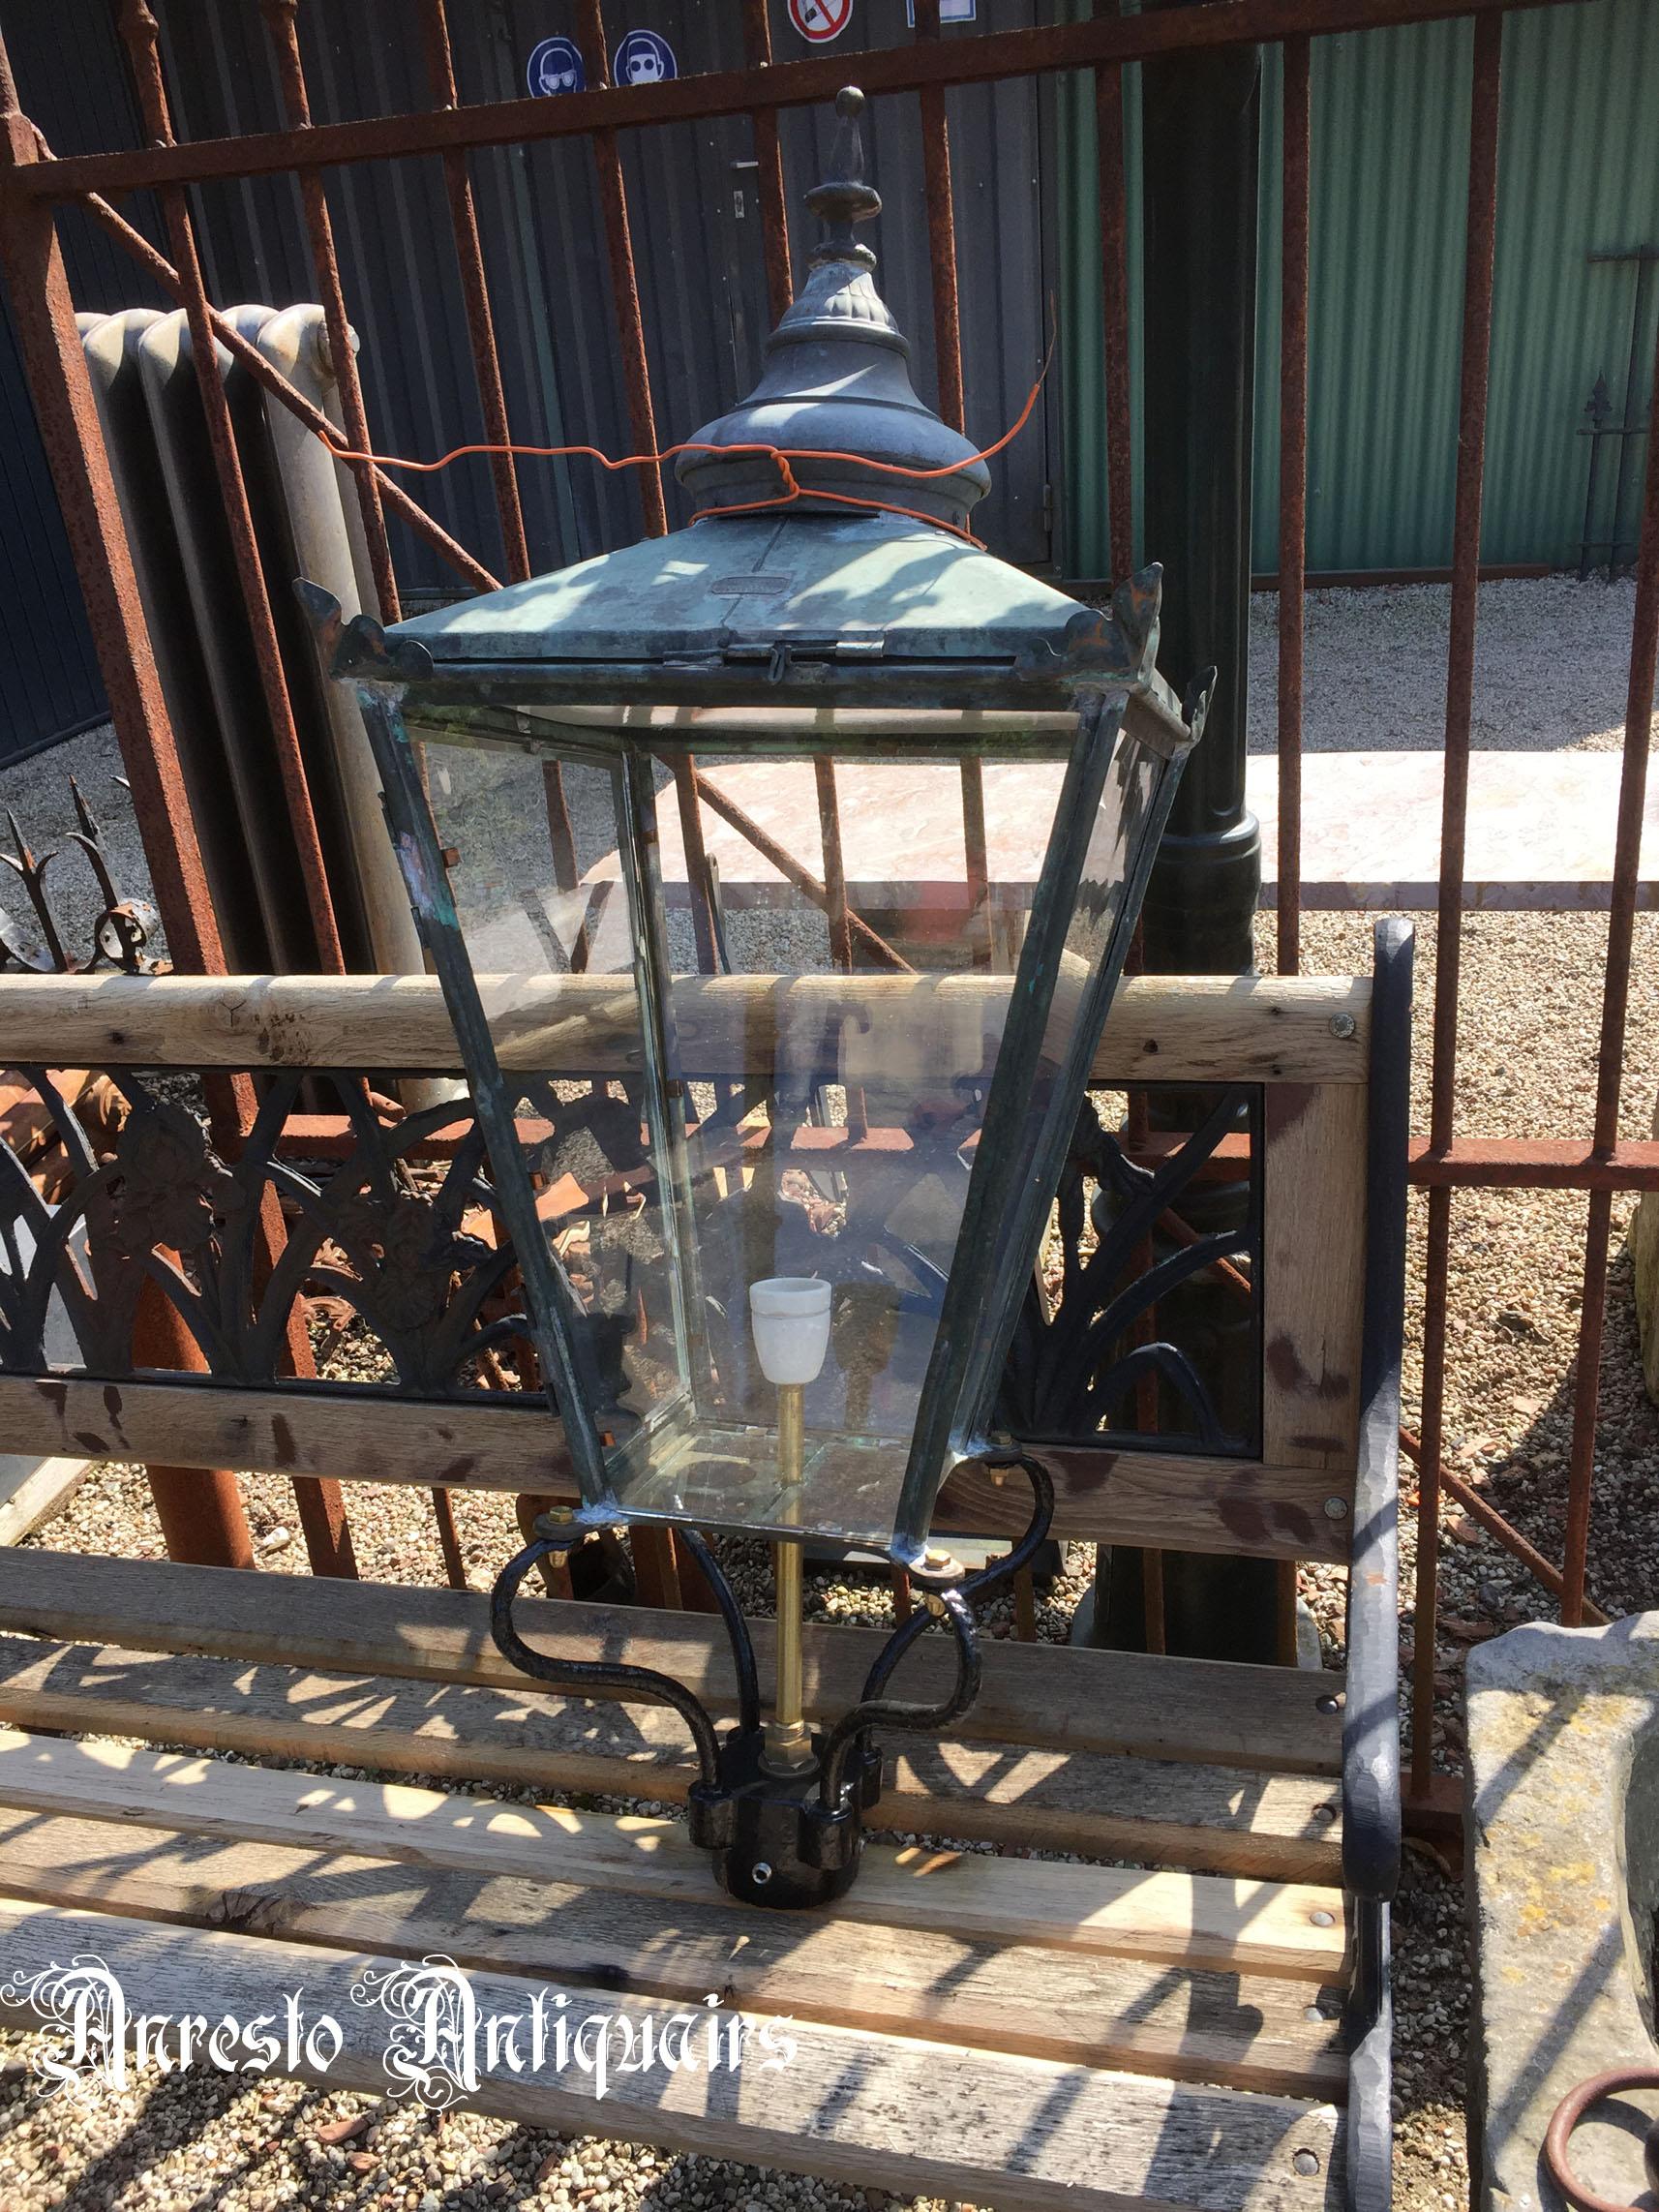 Ref. 45 – Antieke Engelse lantaarnkap, oude Engelse tuinlantaarn